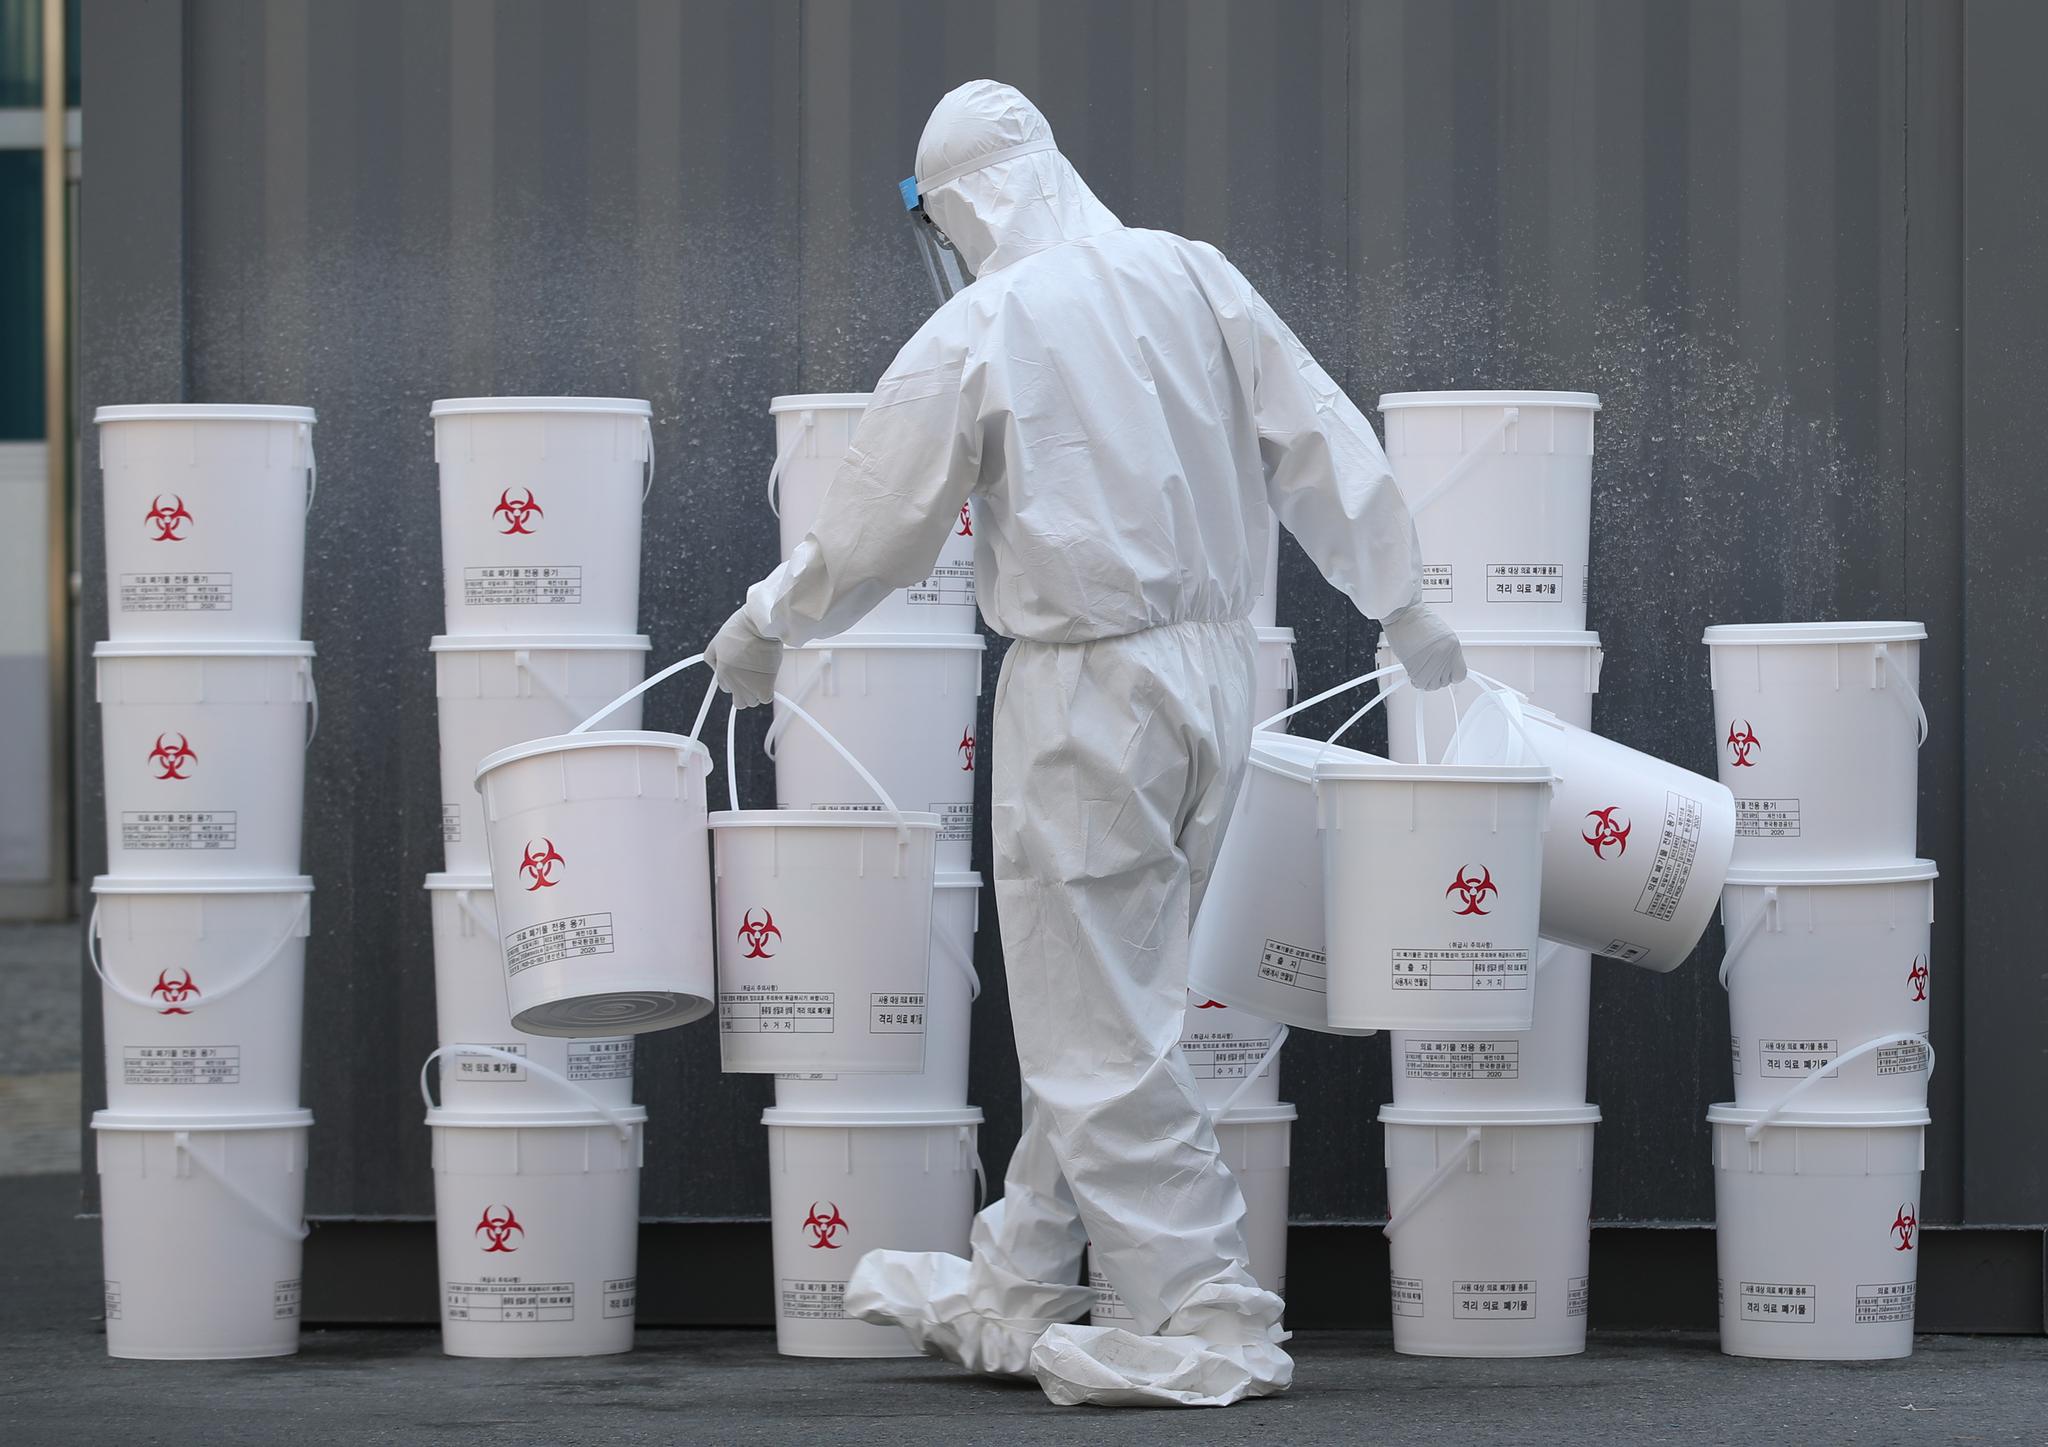 25일 오전 대구시 중구 계명대학교 대구동산병원에서 한 관계자가 의료폐기물을 정리하고 있다. 연합뉴스